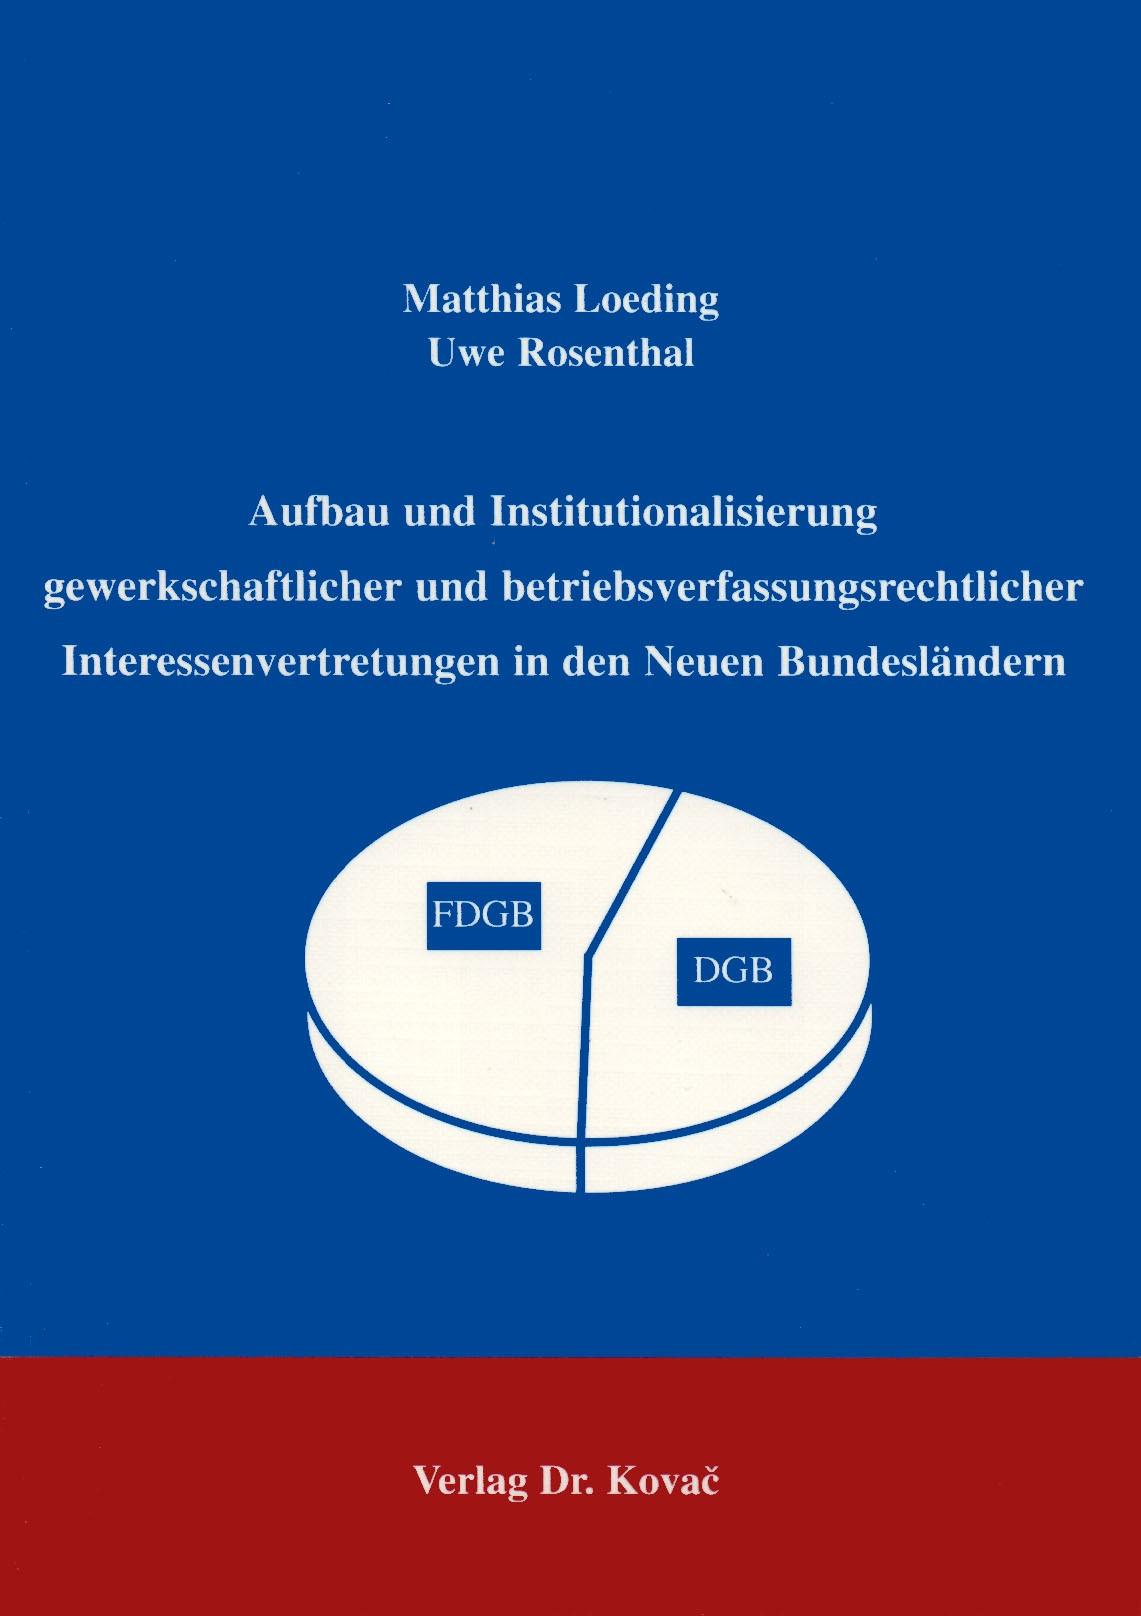 Abbildung von Loeding / Rosenthal | Aufbau und Institutionalisierung gewerkschaftlicher und betriebsverfassungsrechtlicher Interessenvertretungen in den neuen Bundesländern | 1998